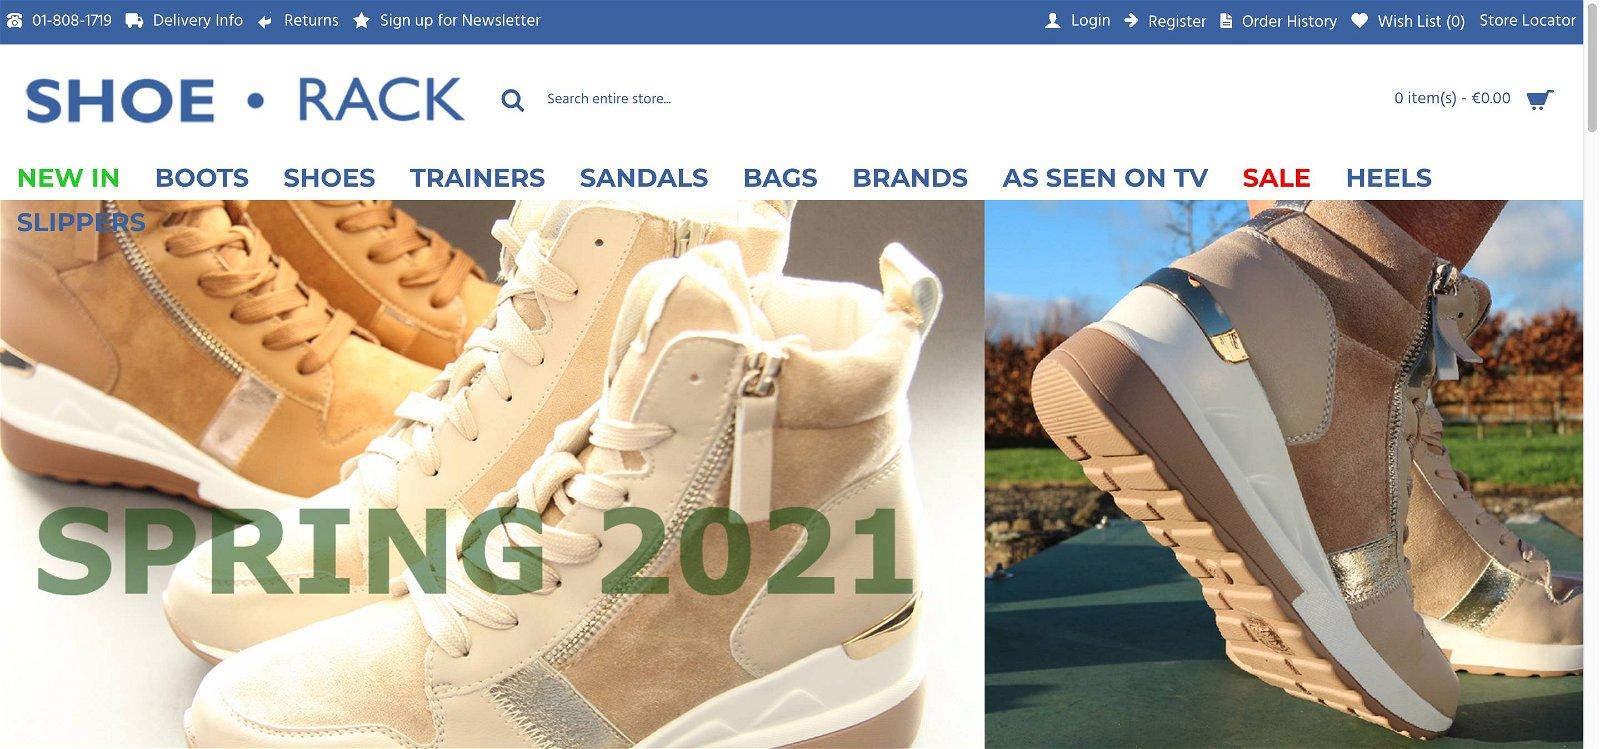 Shoerack.ie 1